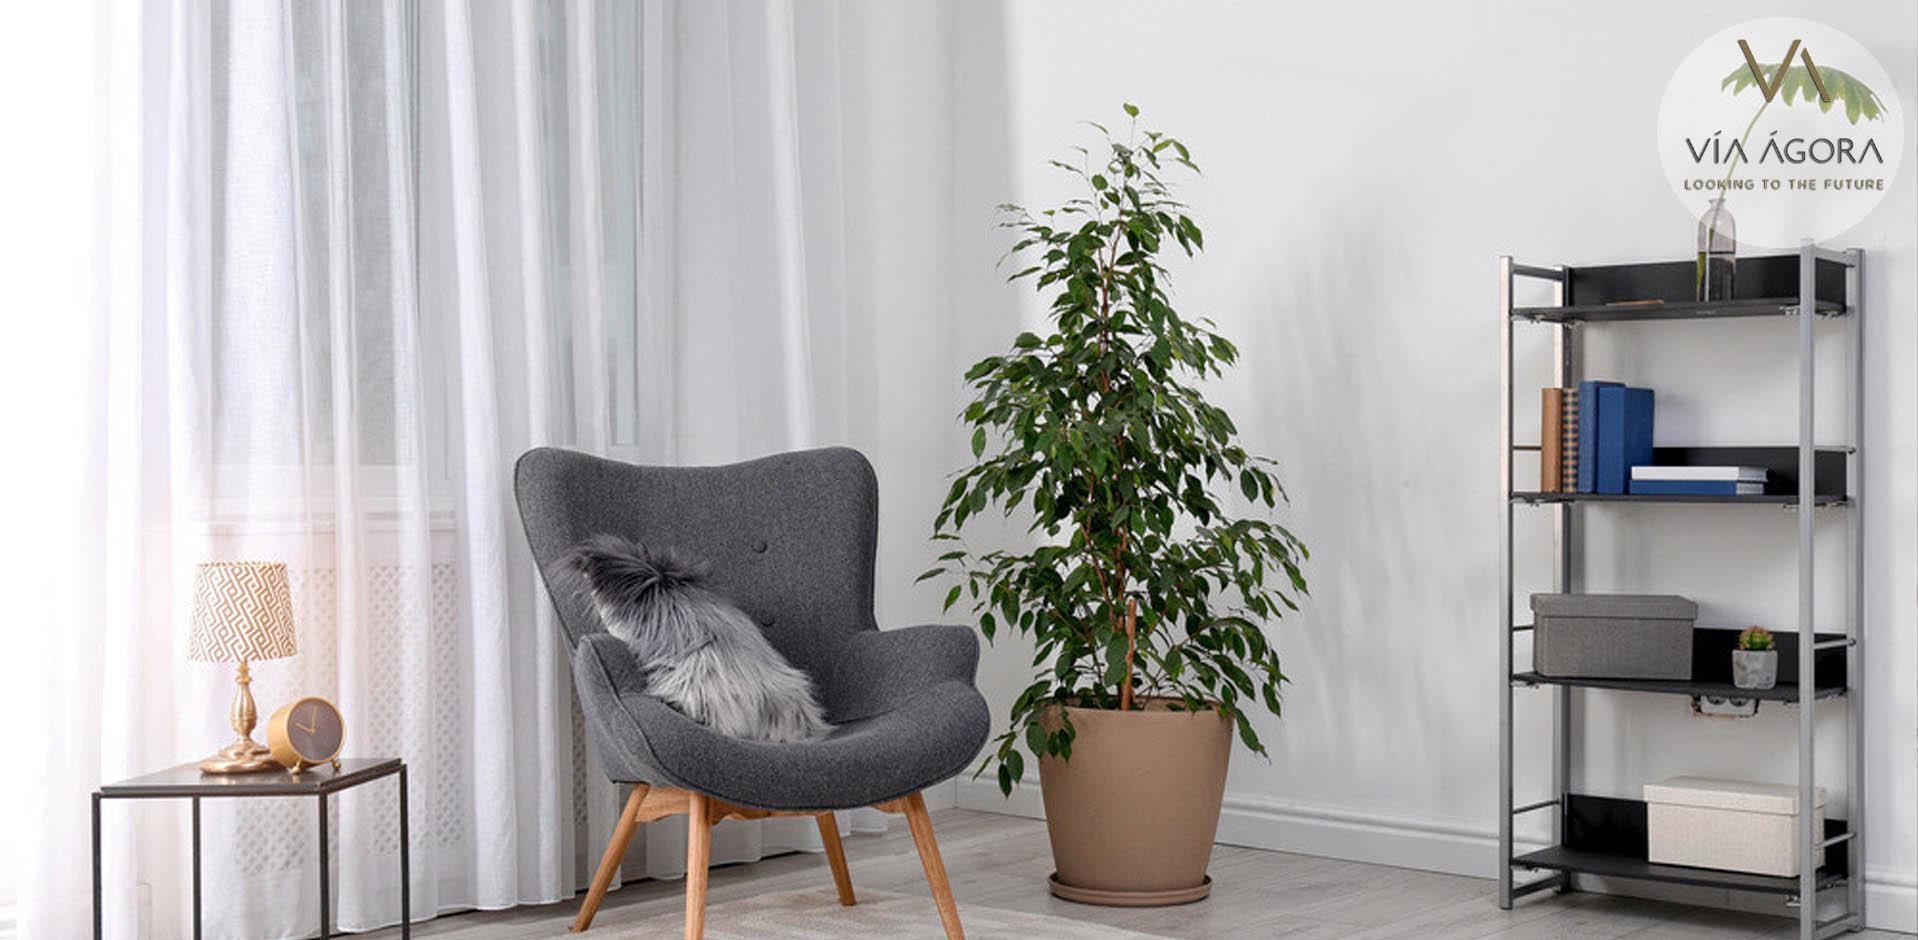 Ficus Vía Ágora